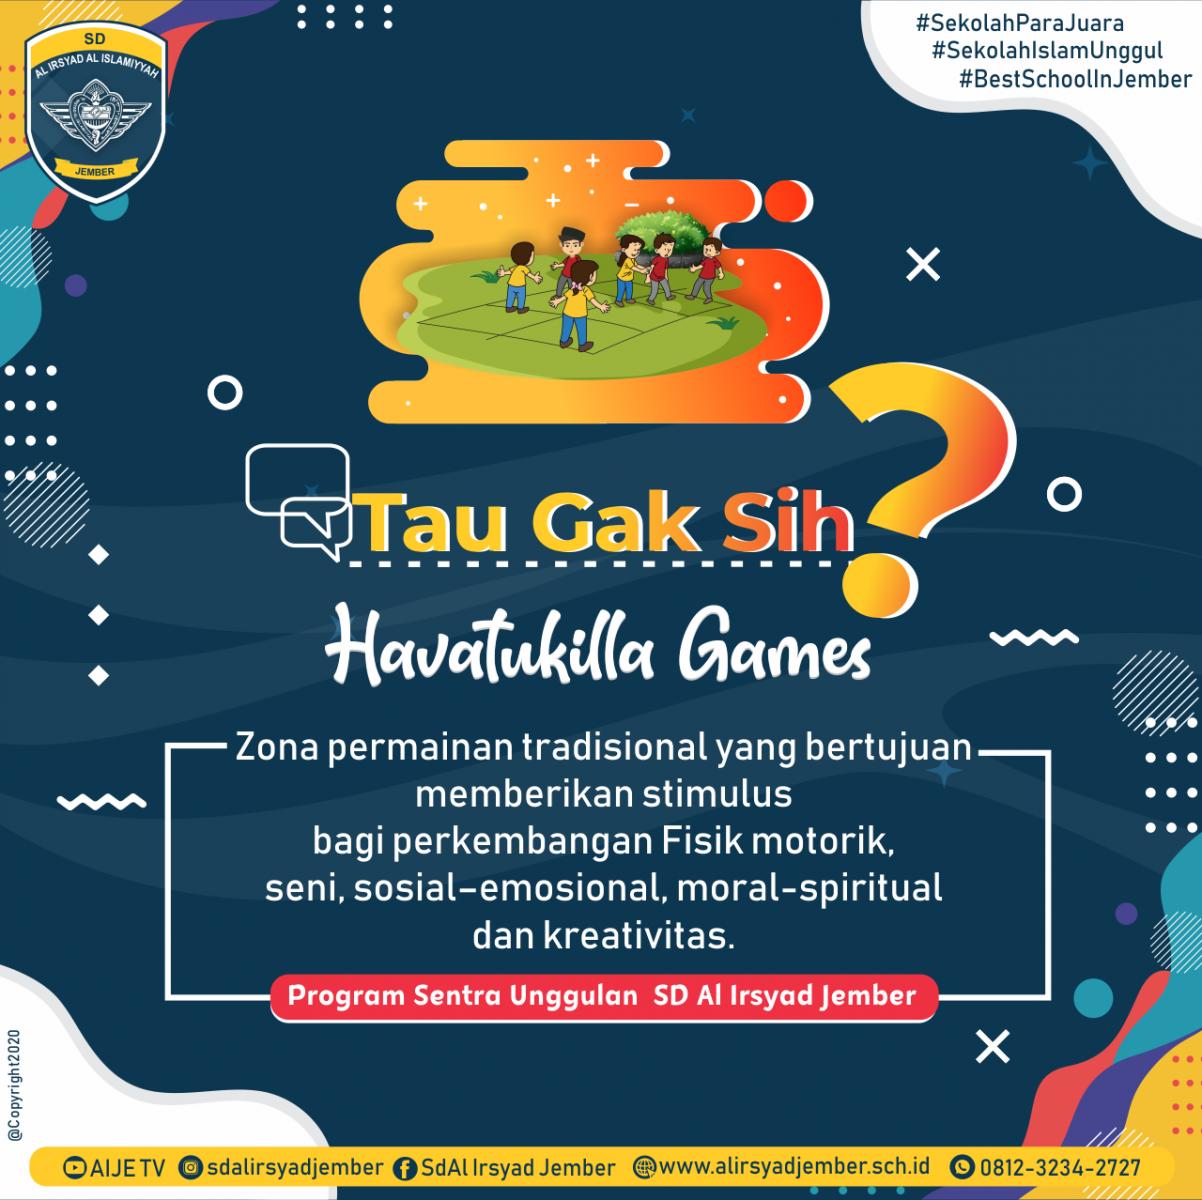 Tau-Gak-Sih